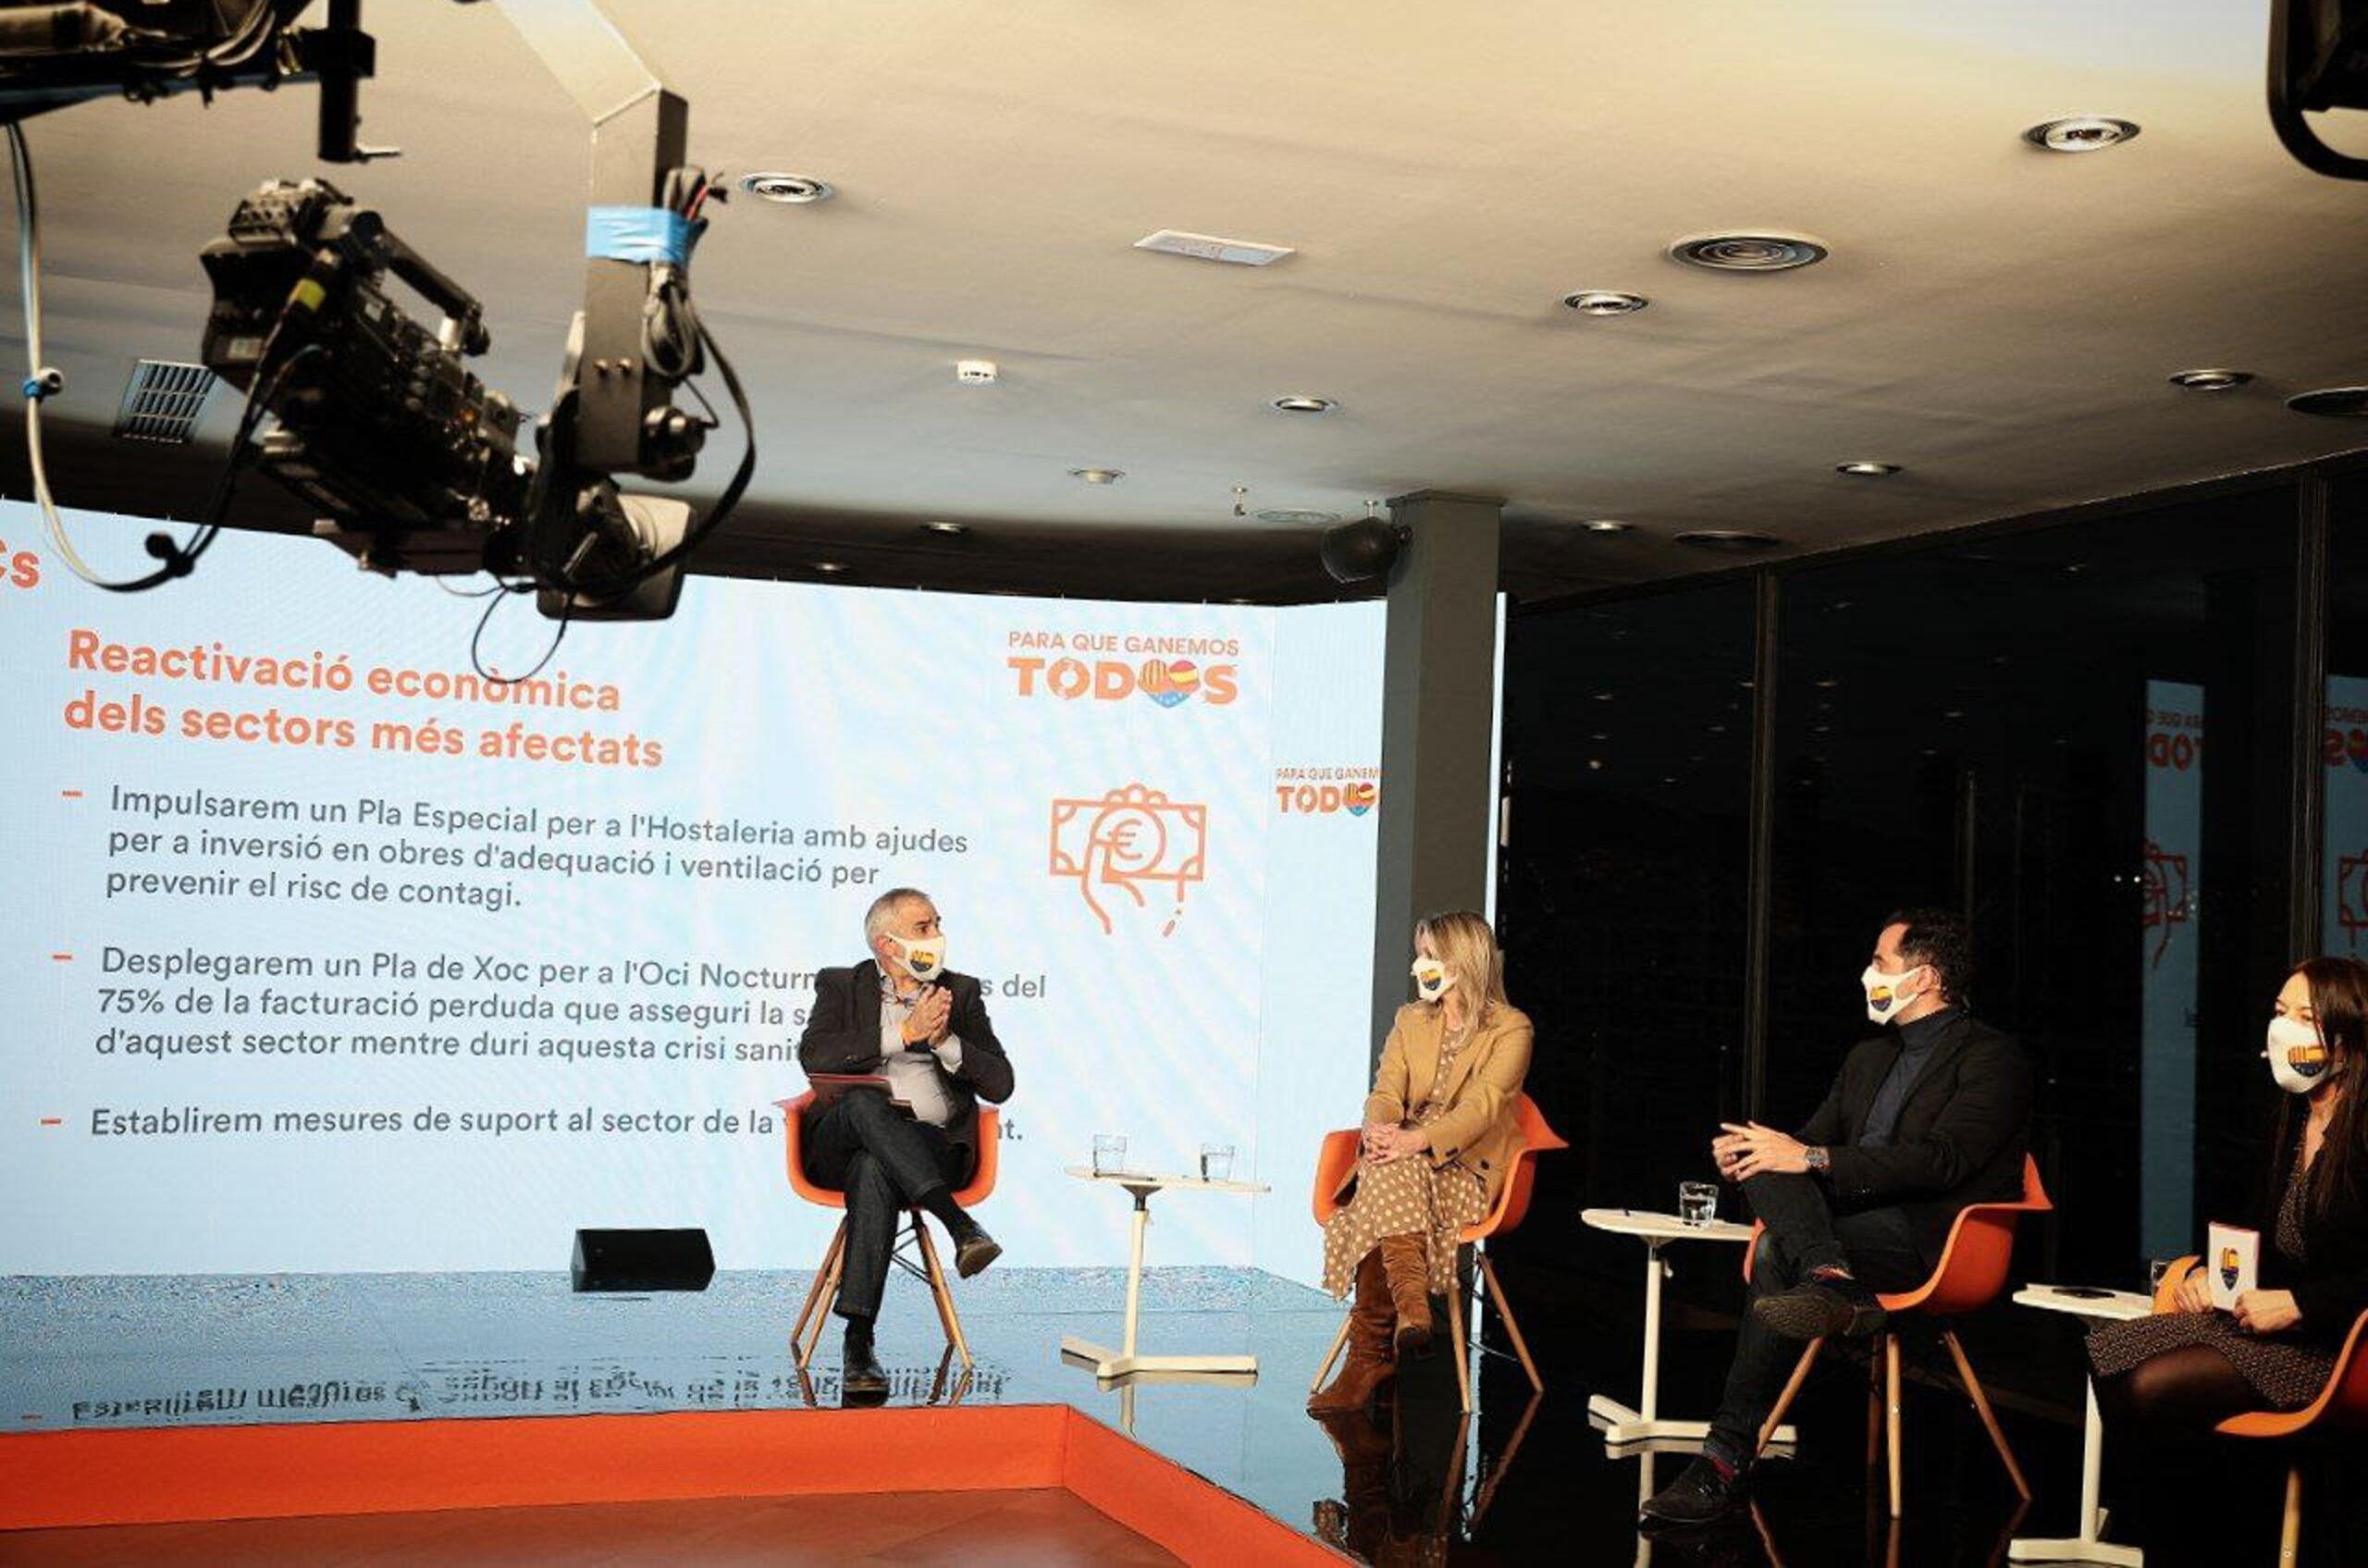 Carlos Carrizosa amb el vicepresident de la Comunitat de Madrid, Ignacio Aguado, la consellera d'Empresa de Múrcia, Ana Vidal, i la secretària general del partit, Marina Bravo.